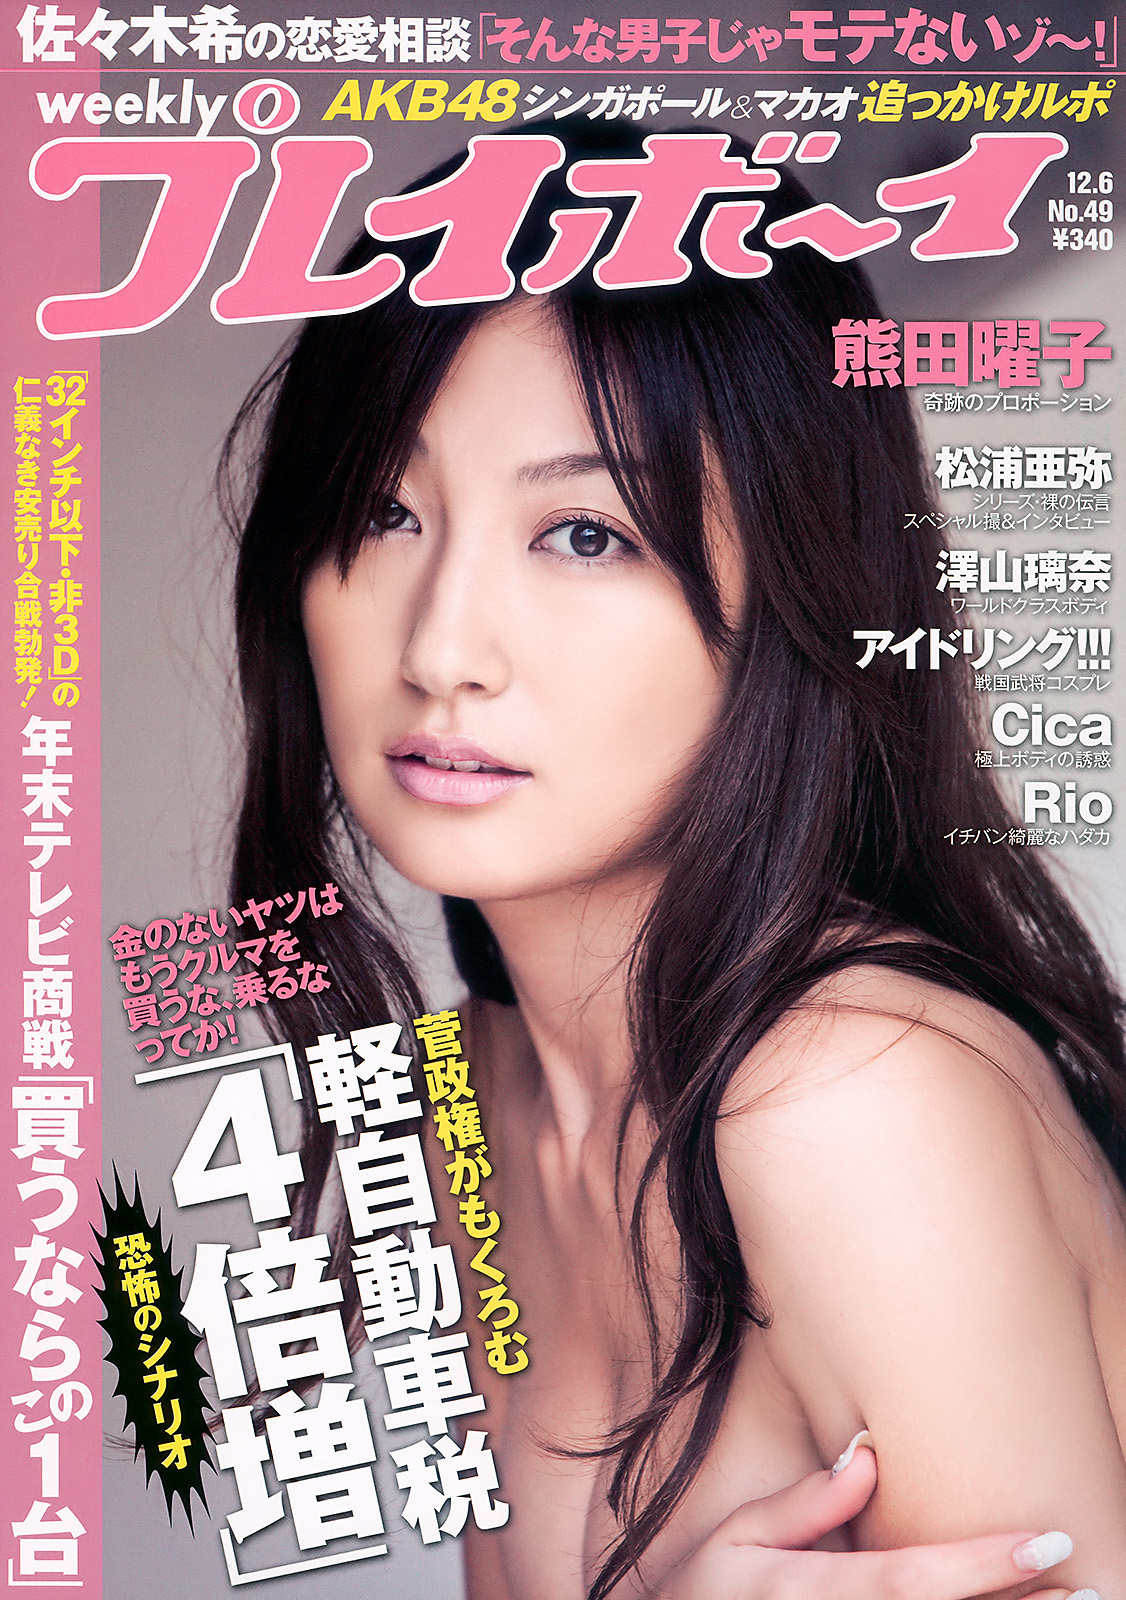 Weekly Playboy - 6 December 2010 (N° 49) - idols